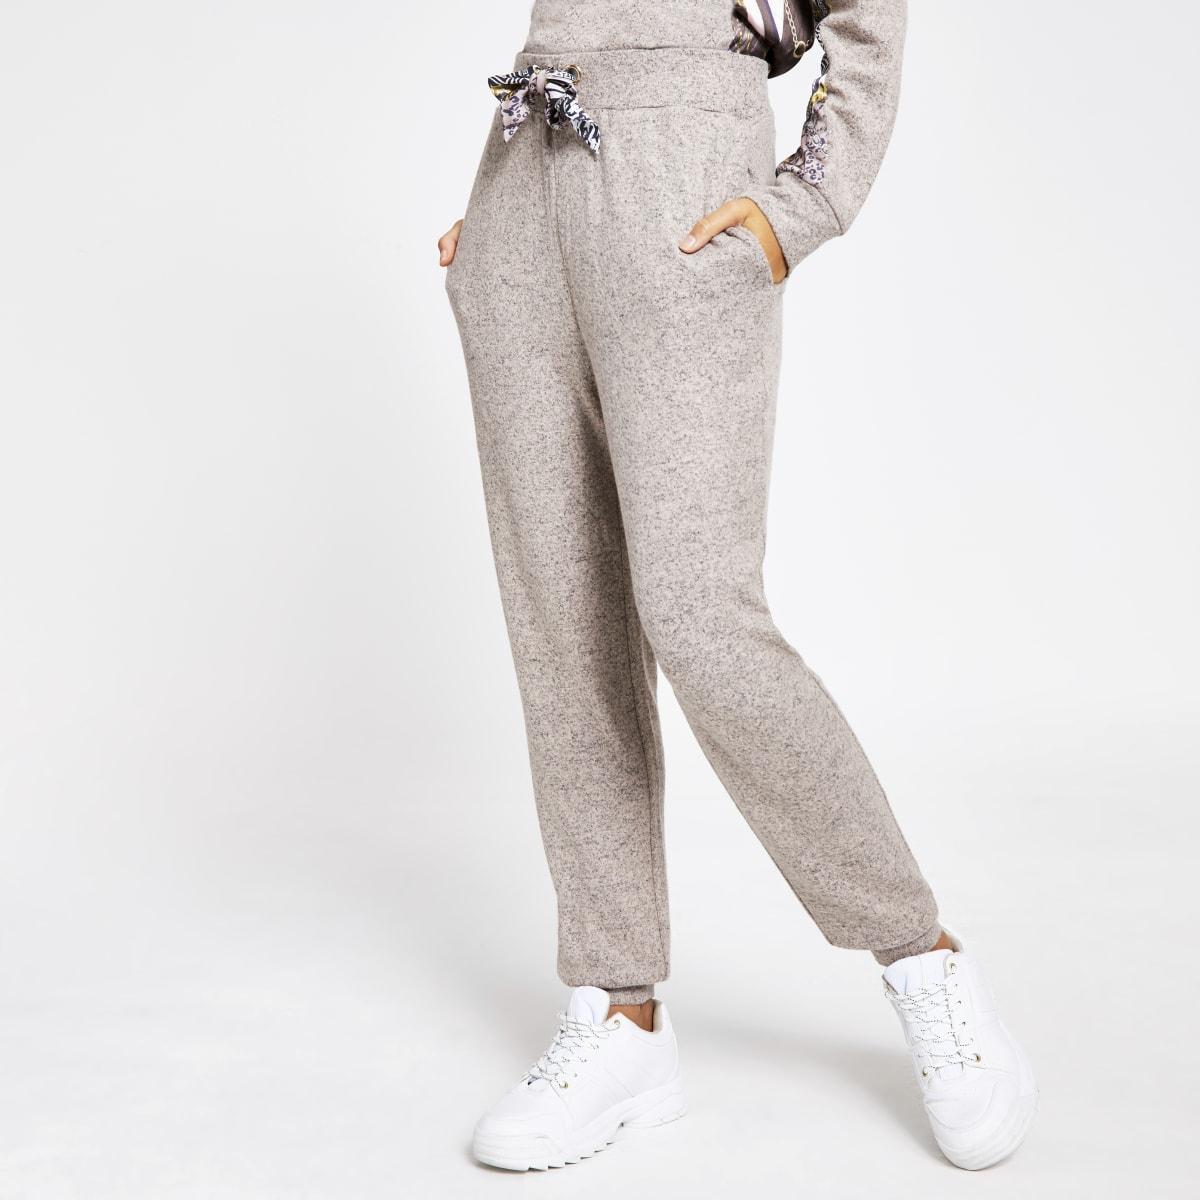 Beige ruimvallende pyjama broek met satijnen ceintuur strik